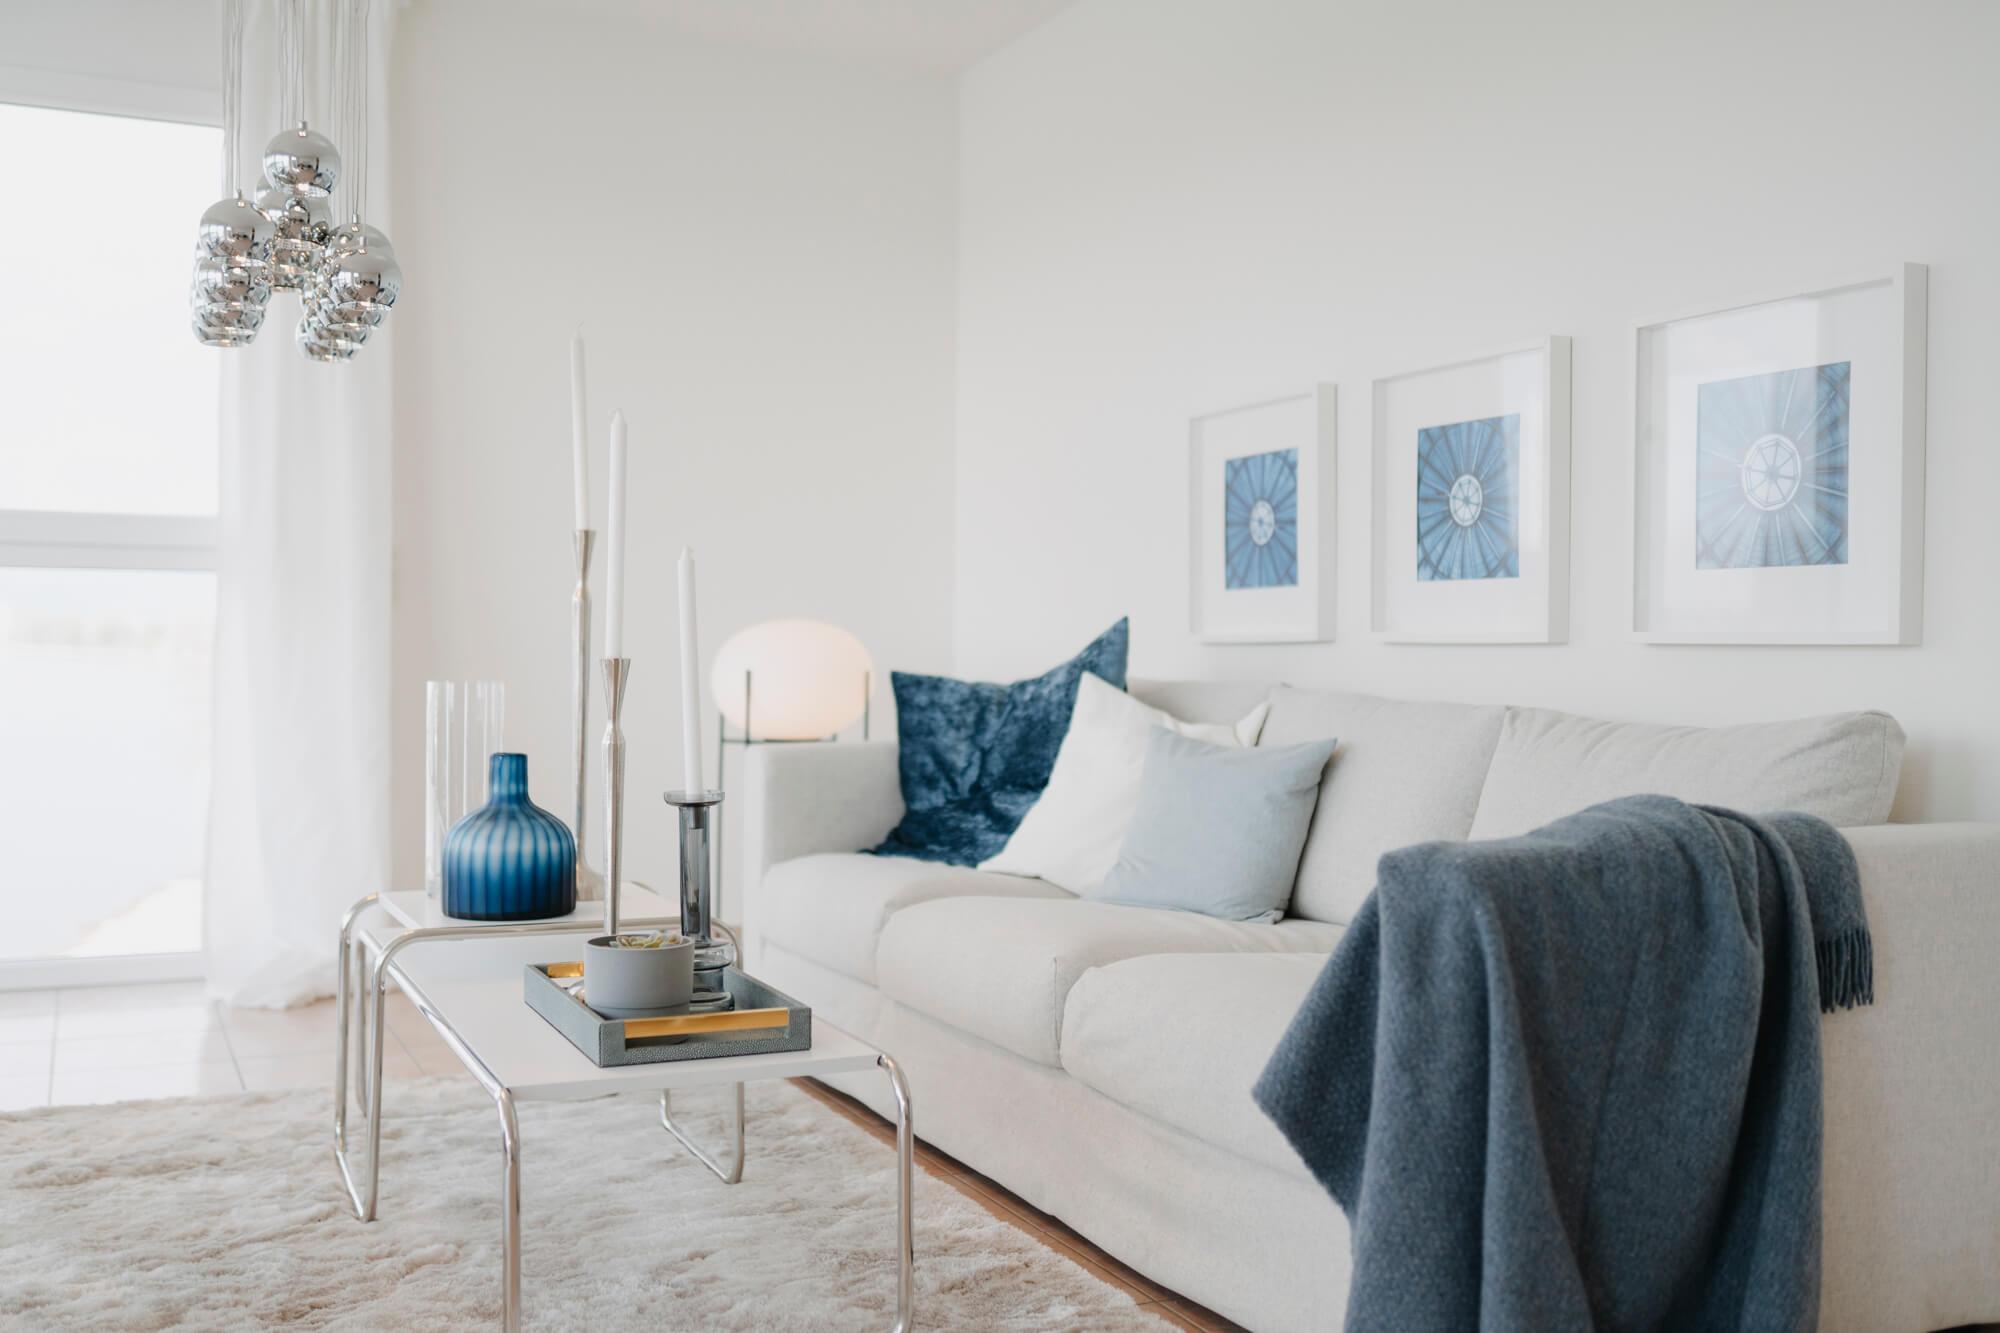 Lisa Treusch Immobilienfotografin Immobilienfotograf in Mainz und Umgebung Nahaufnahme eines Wohnzimmers in blau und weiss mit blauen und weissen Bildern an der Wand Sofa mit weissen und blauen Kissen und einer blauen Decke auf dem Couchtisch weisse Kerzen und eine blaue Vase und silbernen Pendelleuchten an der Decke